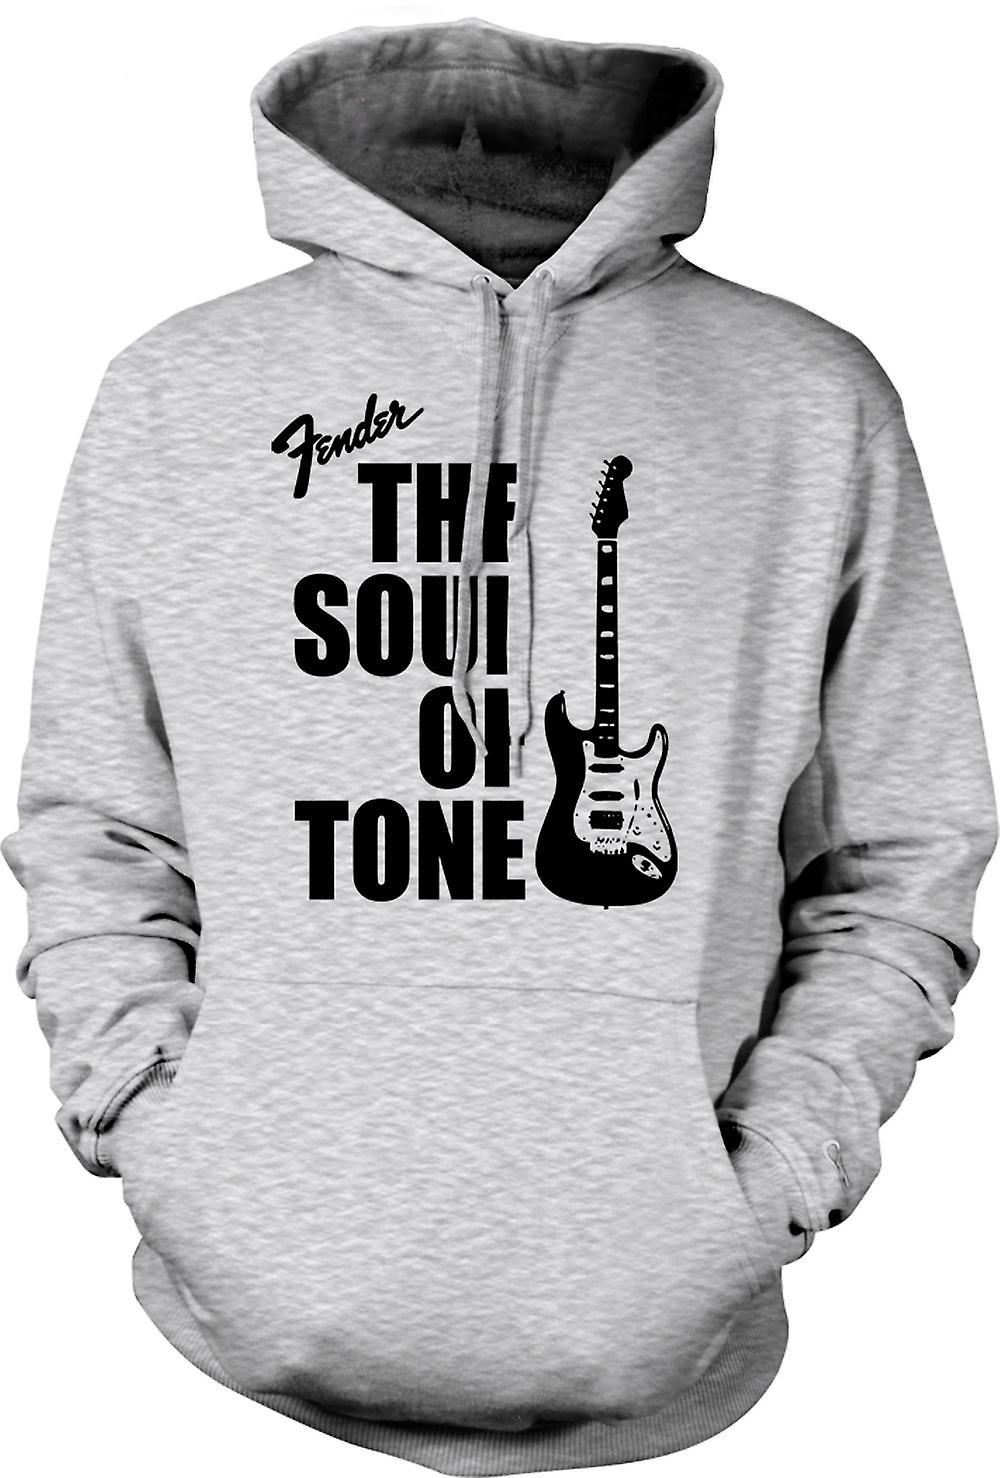 Mens hettegenser - Fender Strat sjel Tone gitar